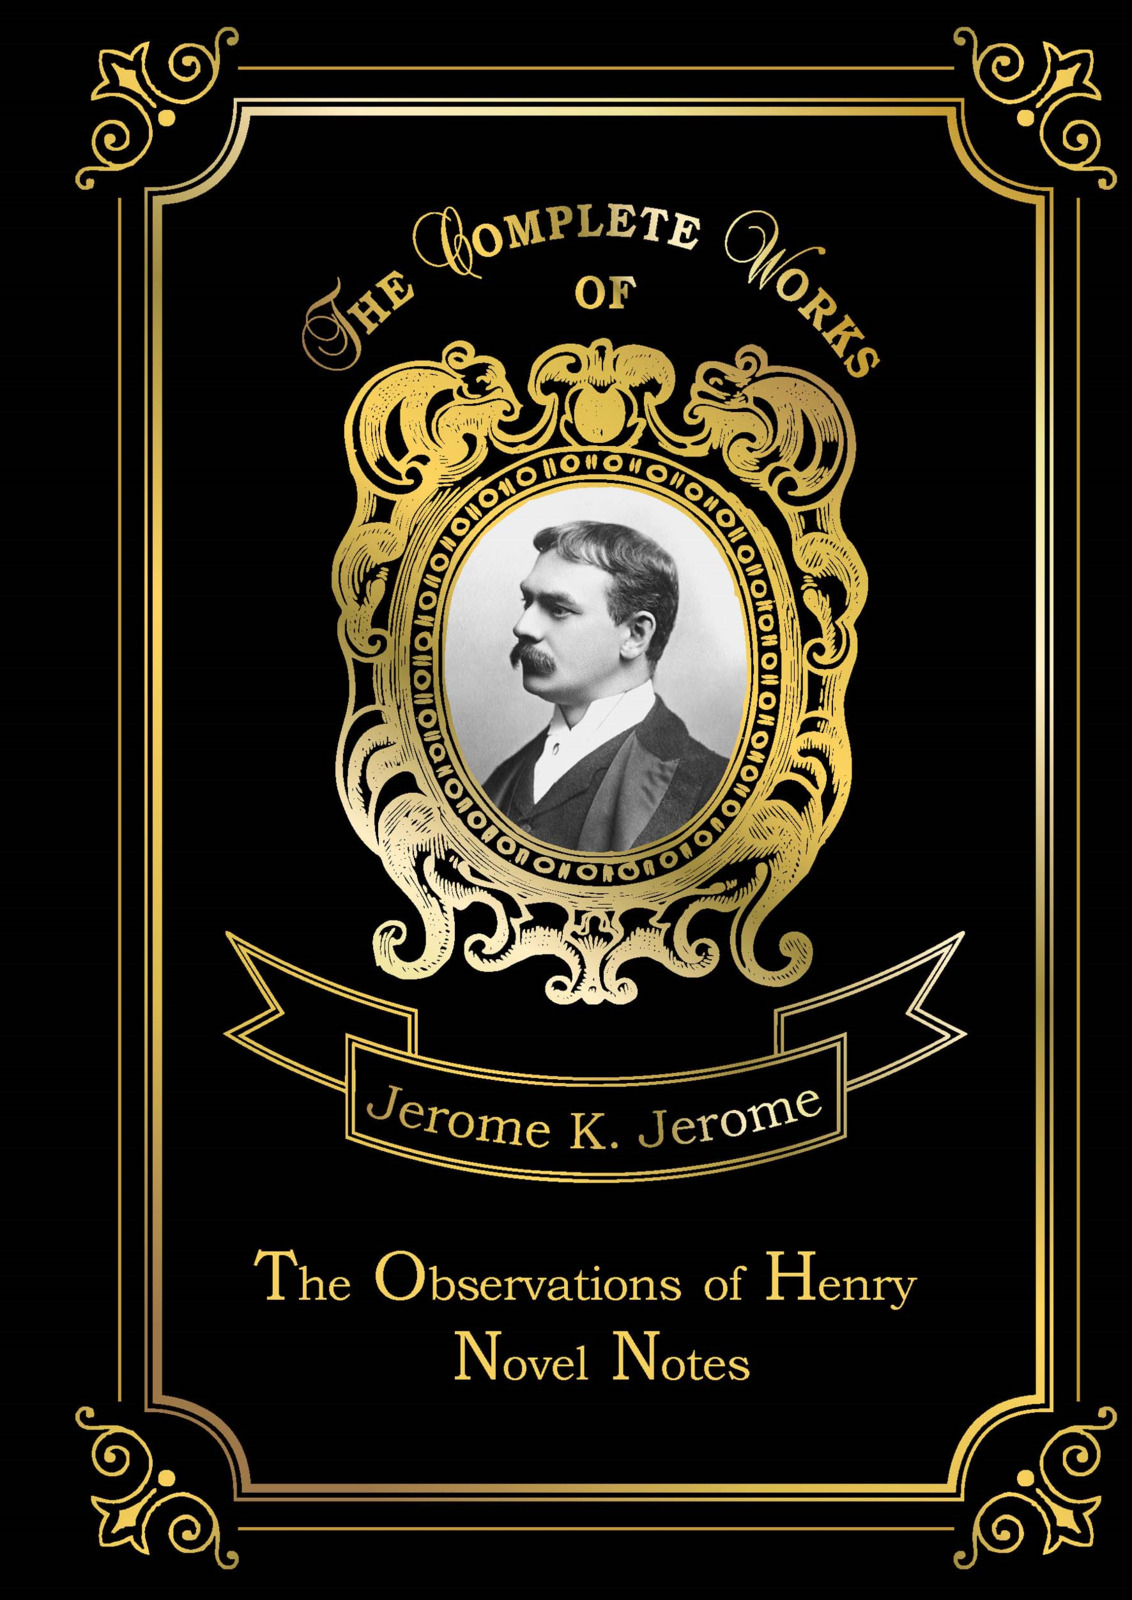 Jerome K. Jerome The Observations of Henry: Novel Notes